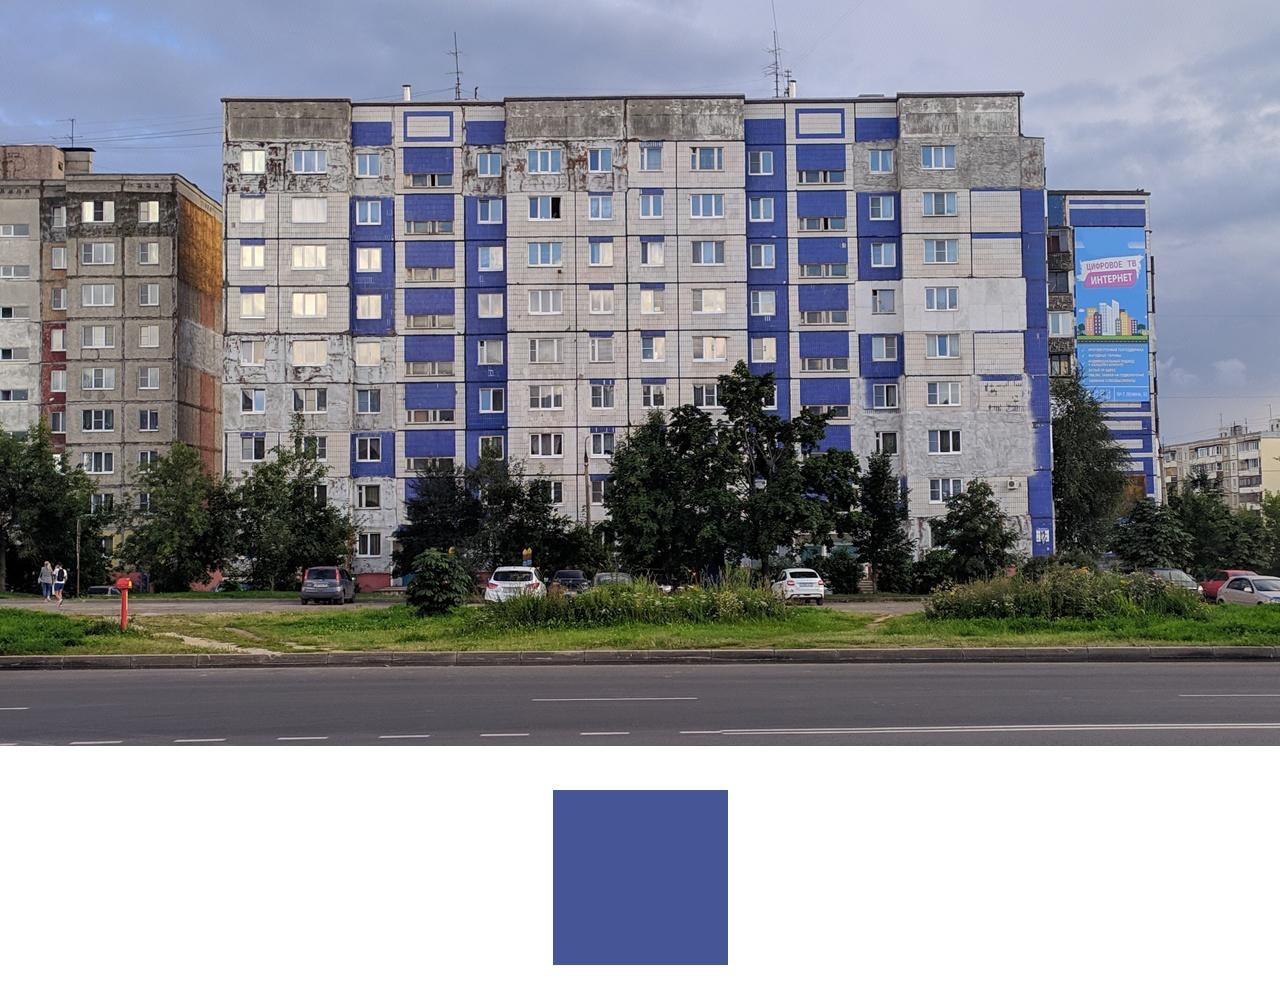 Рассказ об этапах работы над картой возраста домов Владимира - 14